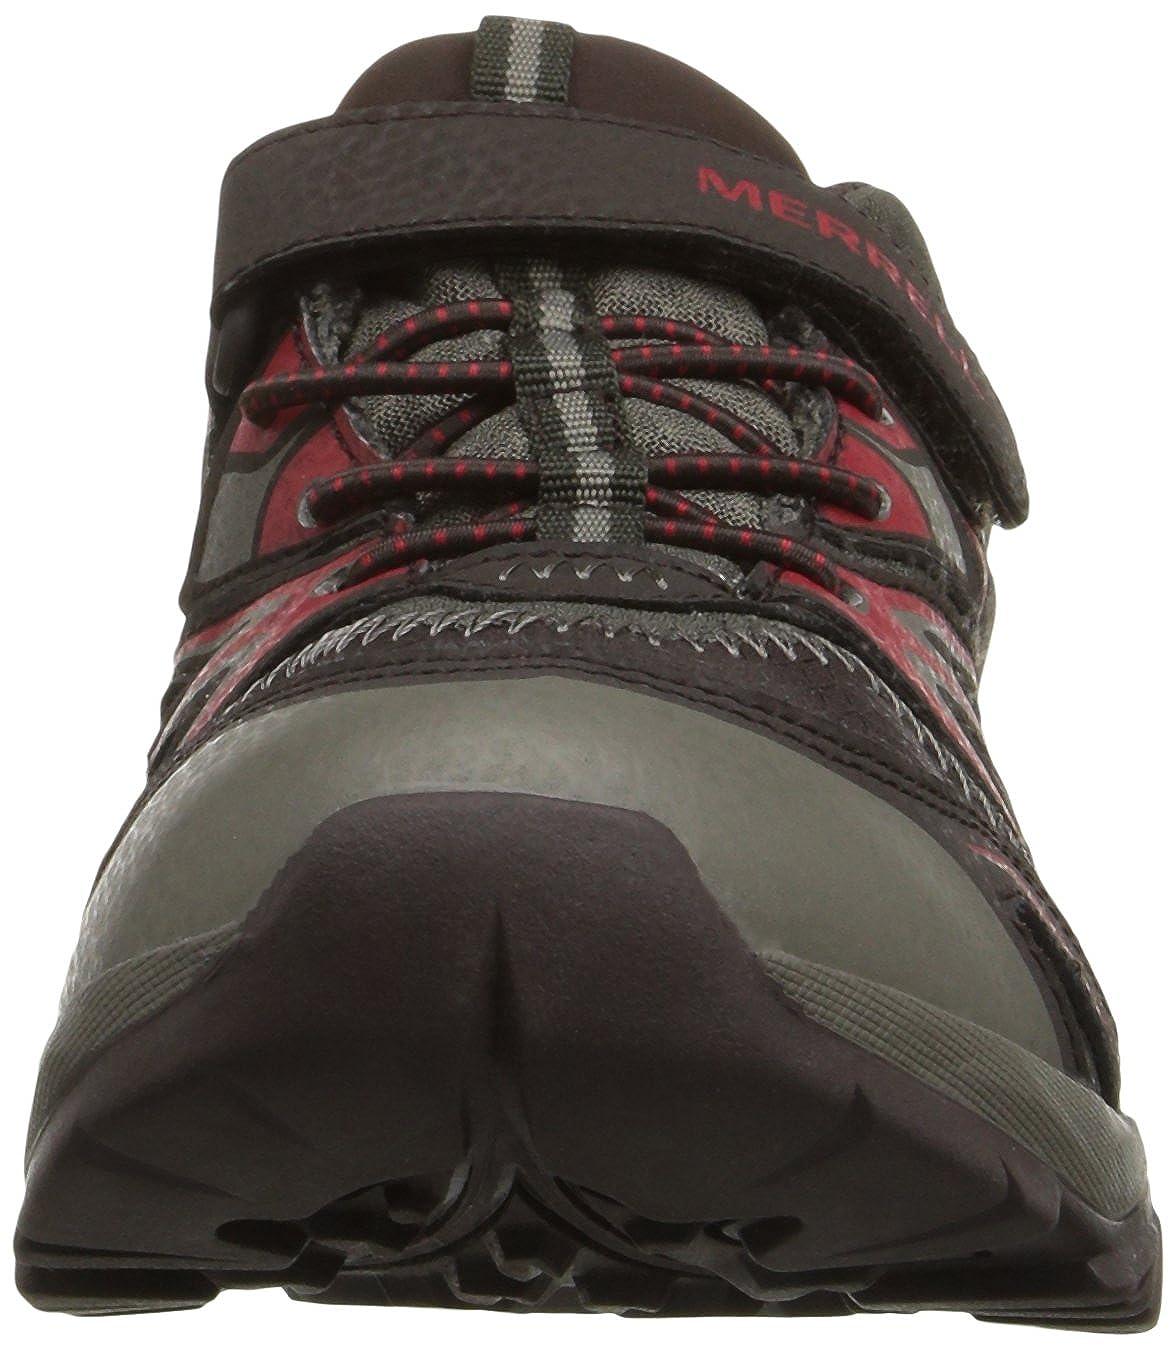 Merrell Capra Bolt C Zapatos Waterproof, Zapatos C de Low Rise Senderismo para Niños 9749b4